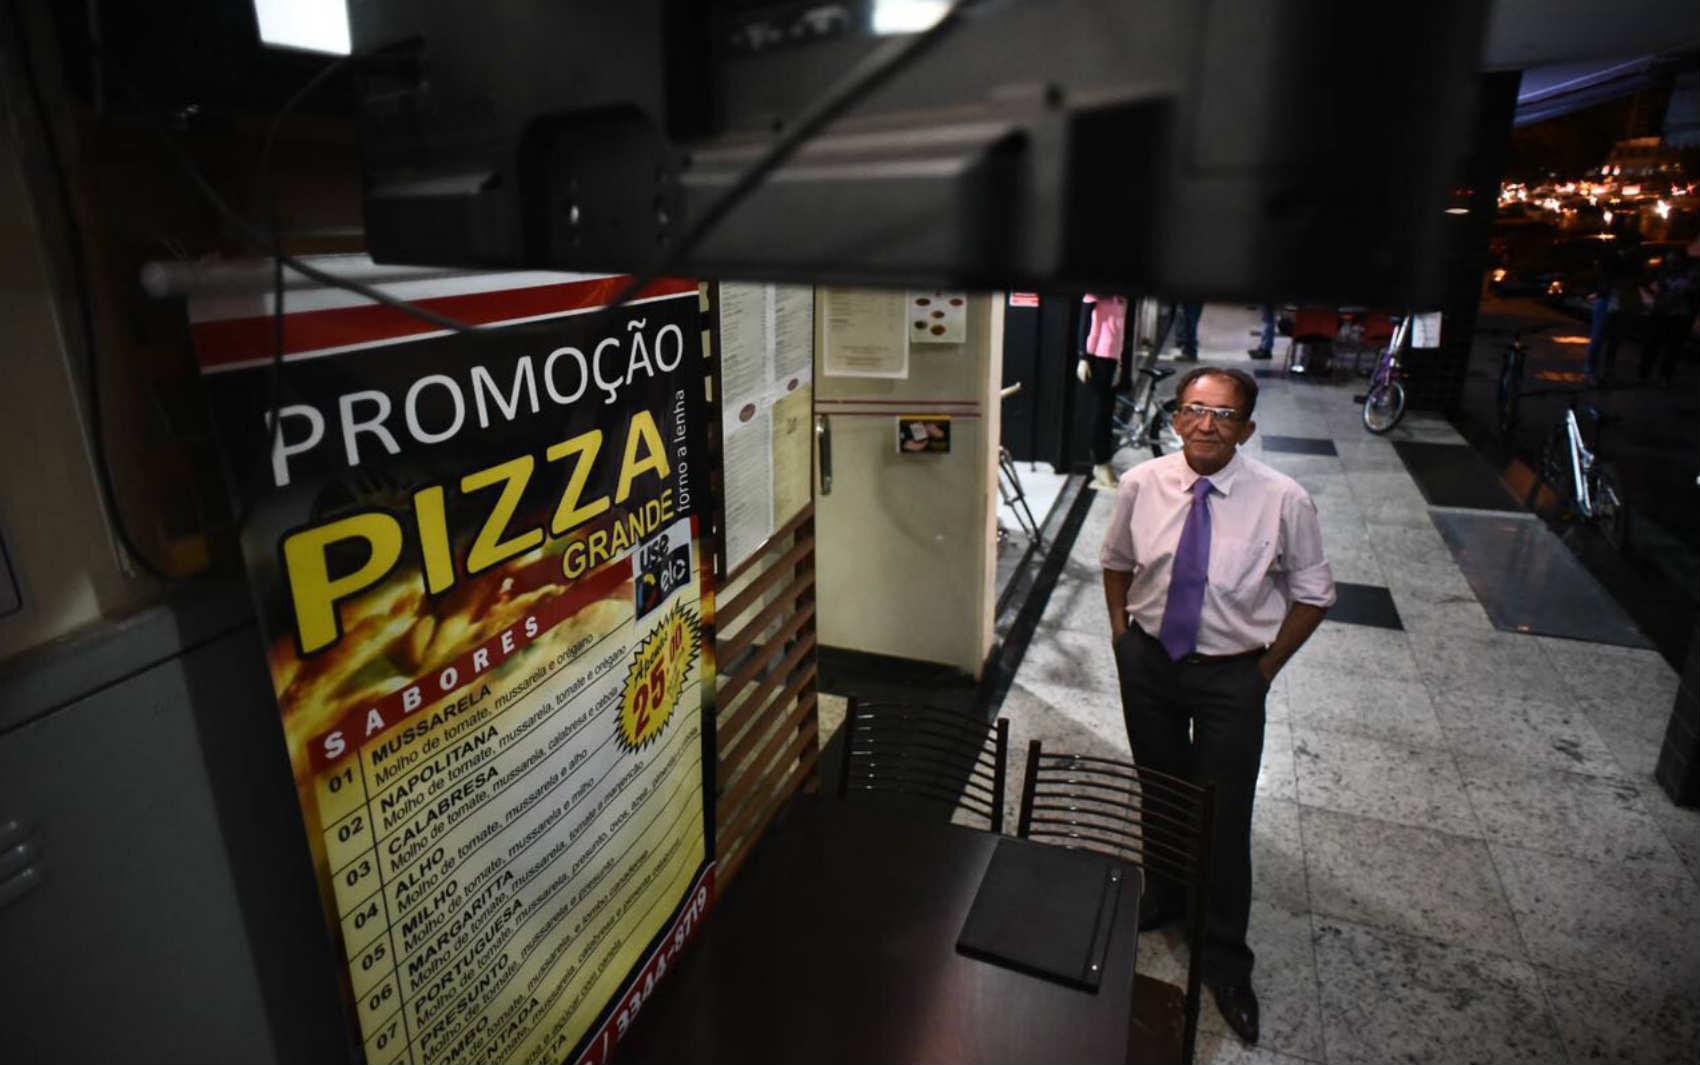 BRASÍLIA: Sebastião Torres, gerente de uma pizzaria: 'Na Copa do Mundo tivemos muita movimentação aqui na pizzaria. Agora acho que o pessoal está assistindo mais de casa. Com a clientela menor eu até aproveito para assistir também'